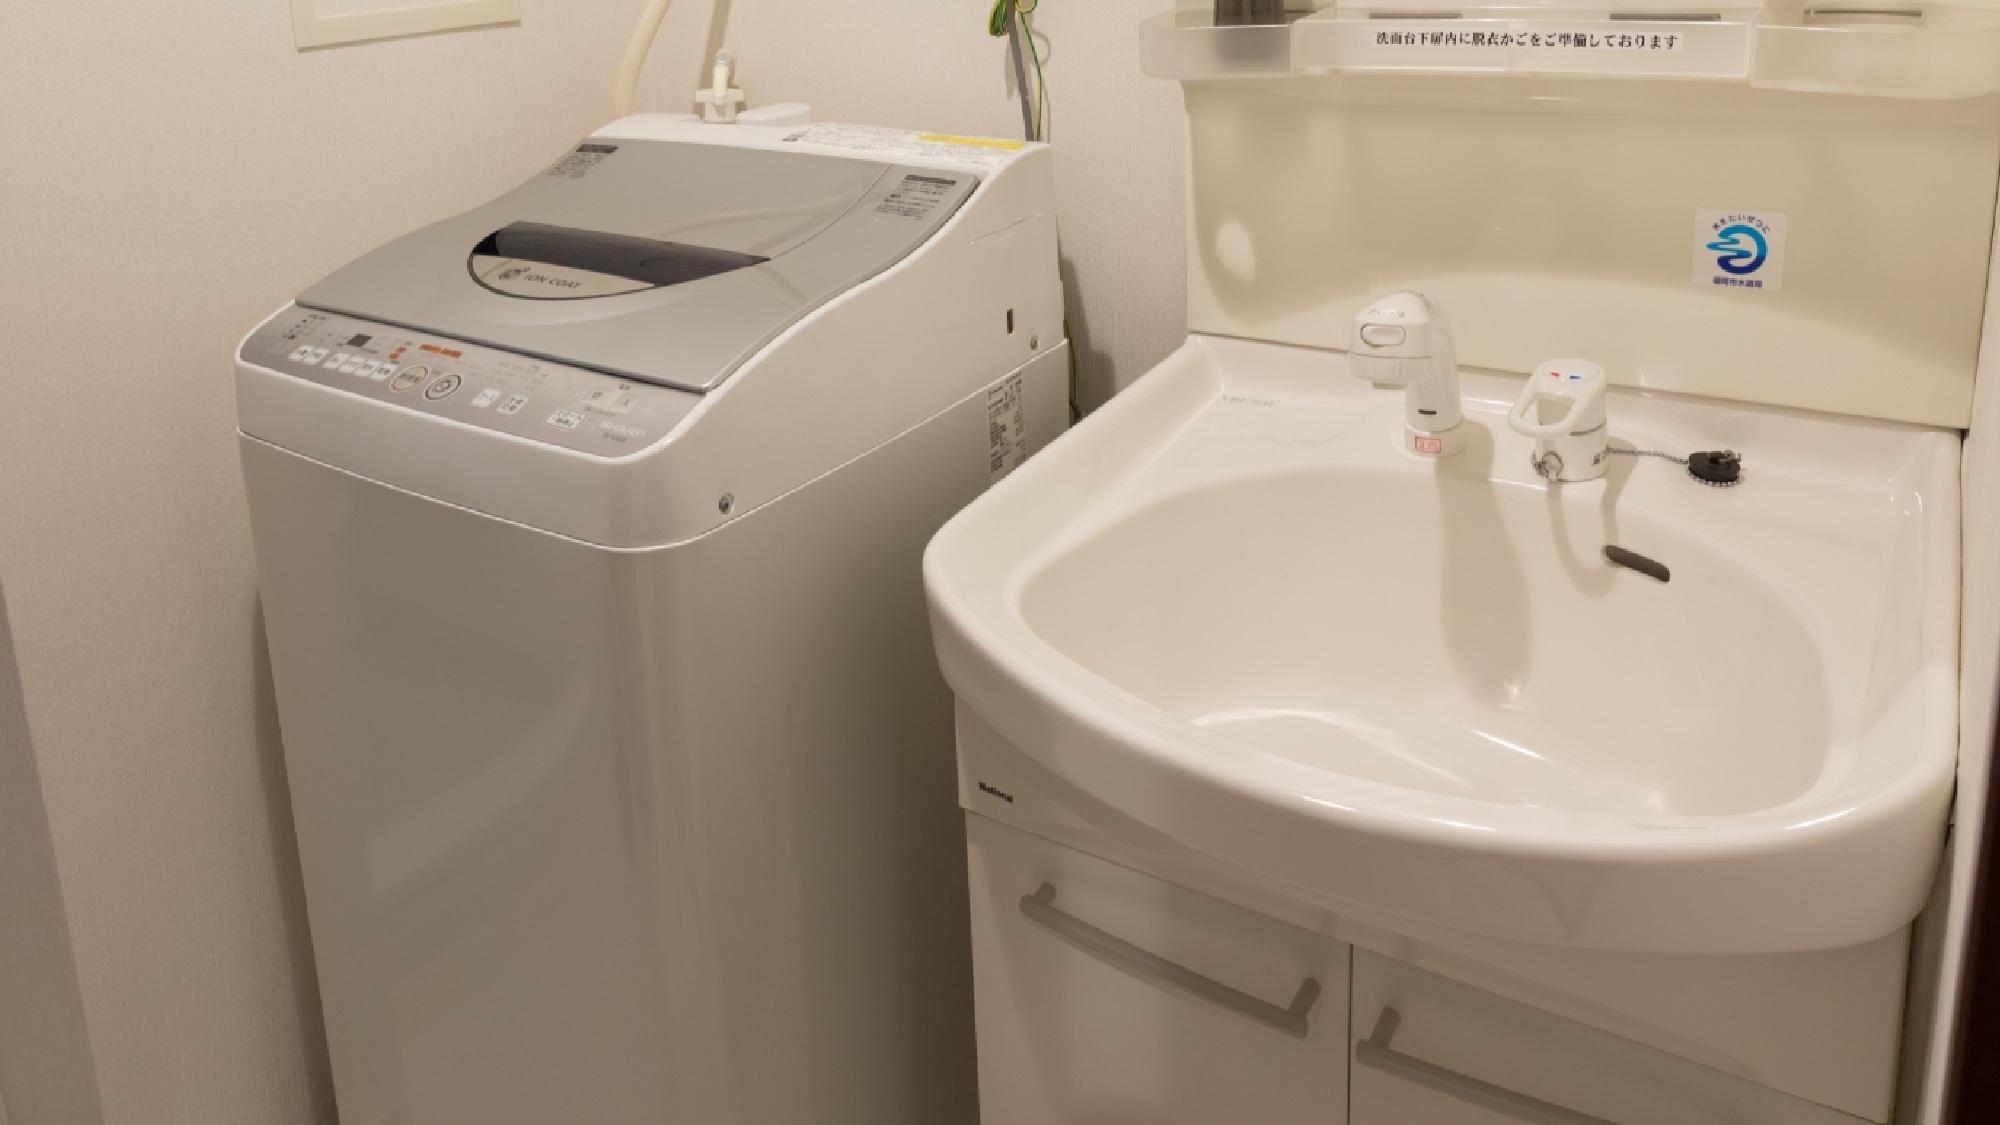 洗濯機付客室の全自動洗濯機